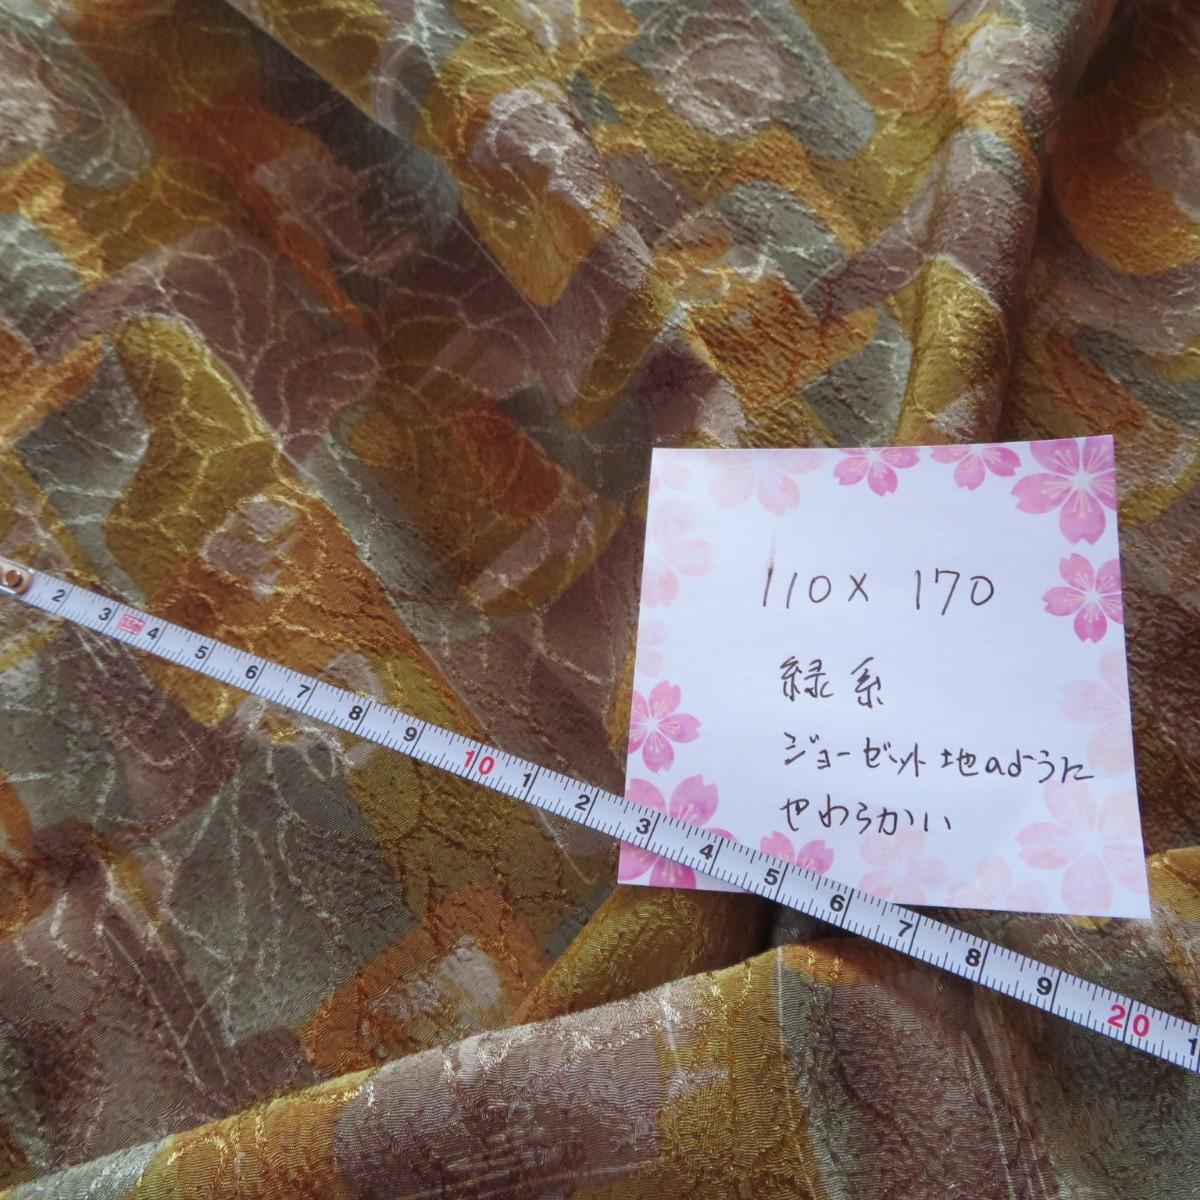 布10m以上 Fセット 生地 ハギレ ハンドメイド まとめ売り はぎれ 大量 アンティーク 古布 藍